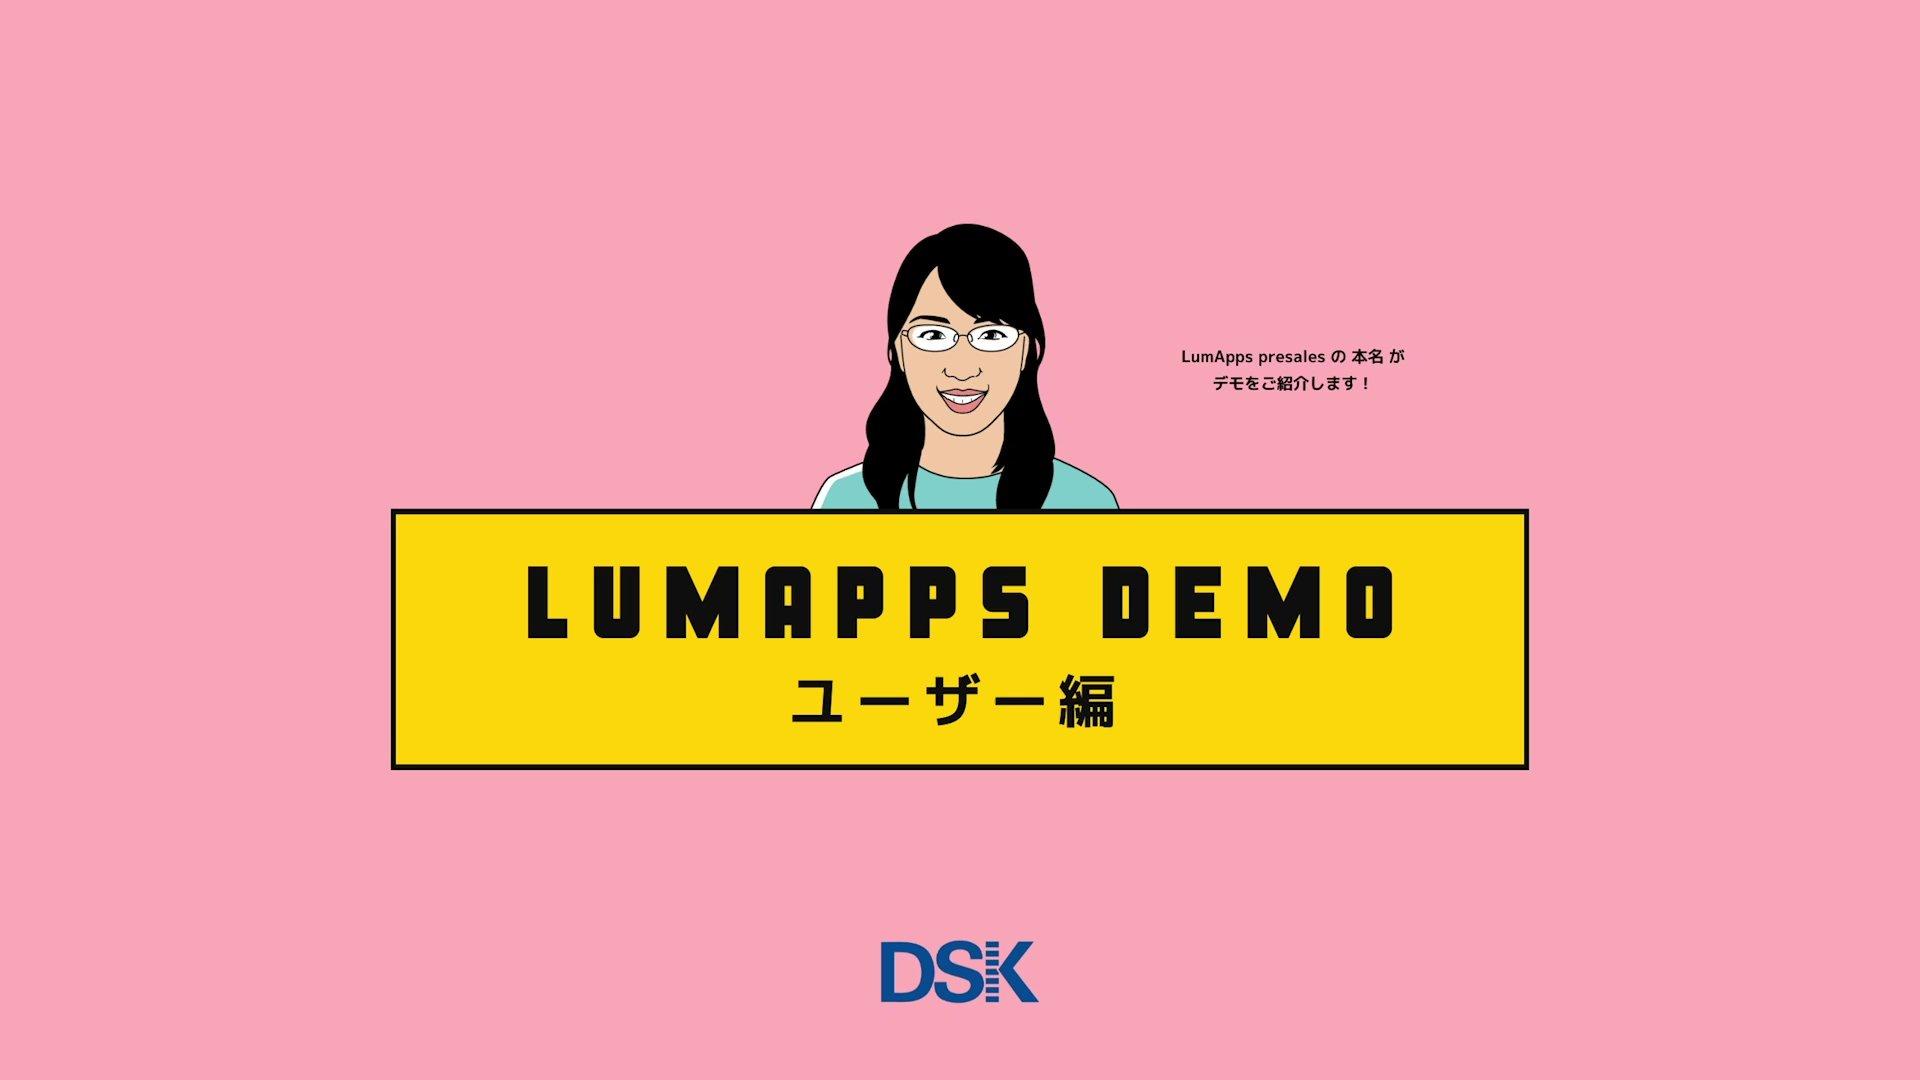 LumApps サービスデモ ユーザー編